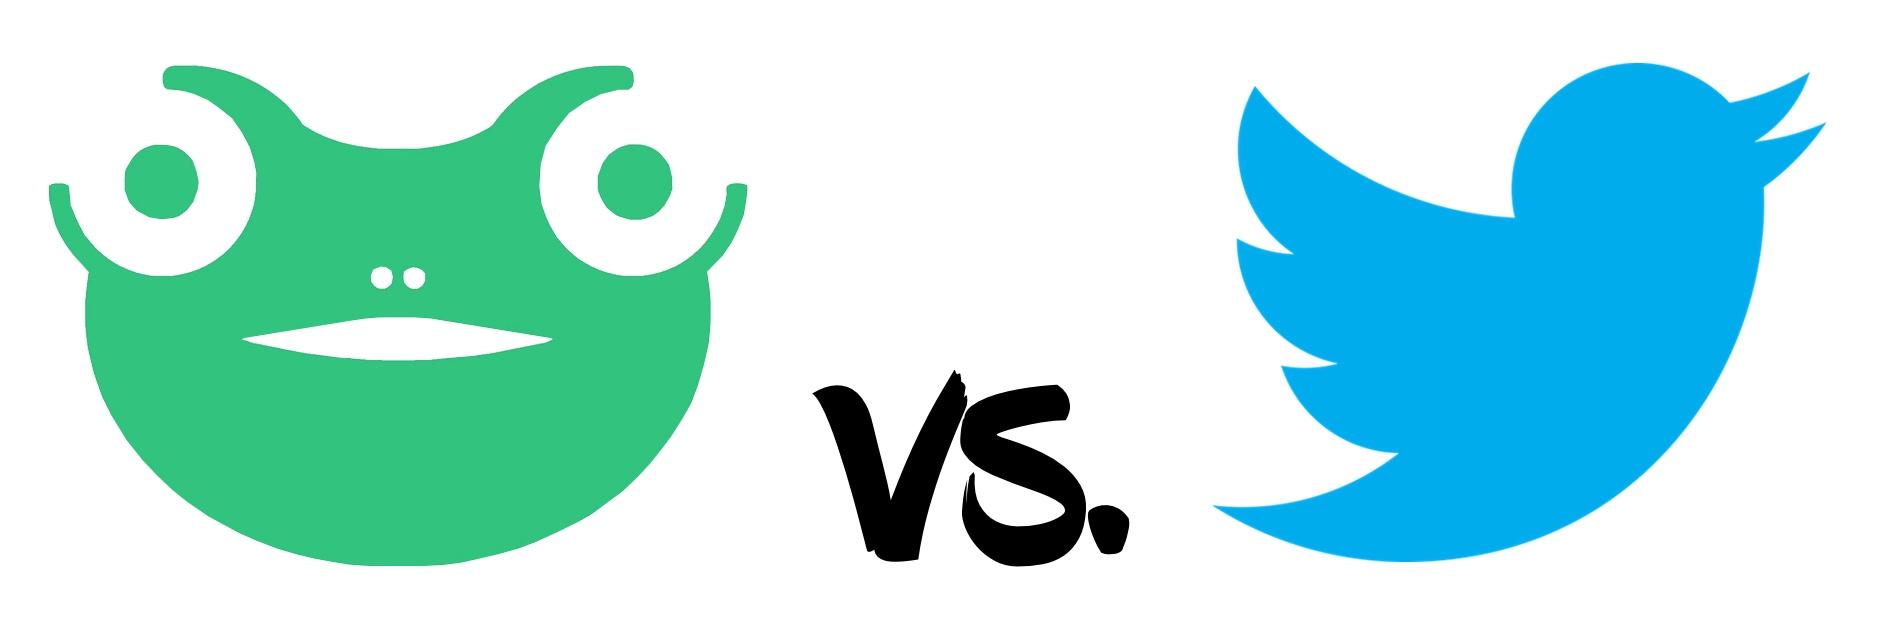 Social network Gab vs. Twitter